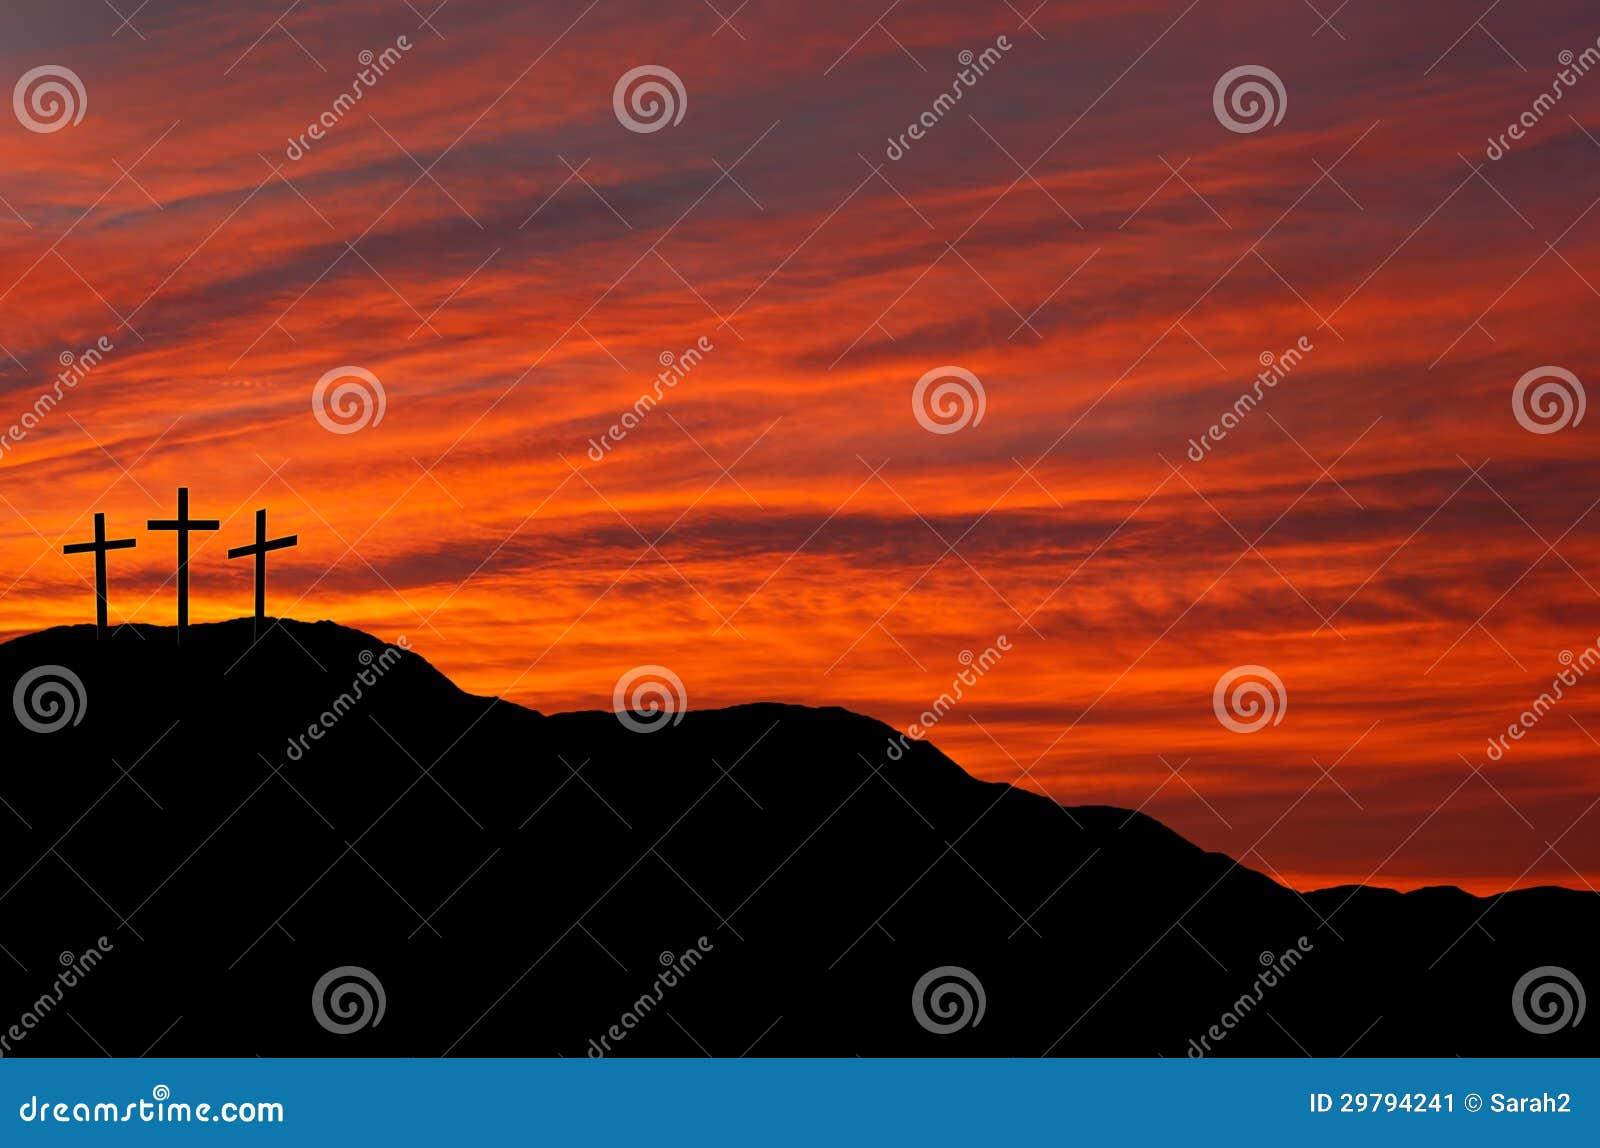 Wielkanocny niebo z krzyżami - wschód słońca, zmierzch